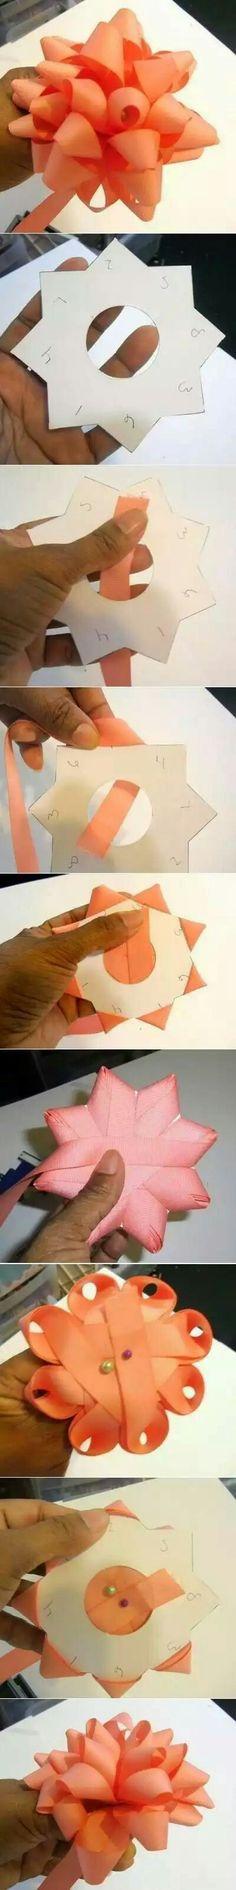 DIY Bow Ribbon diy crafts easy crafts crafty easy diy diy bow craft bow diy gifts by terra Diy Bow, Diy Ribbon, Ribbon Crafts, Ribbon Bows, Paper Crafts, Ribbons, Ribbon Flower, Flower Paper, Paper Ribbon